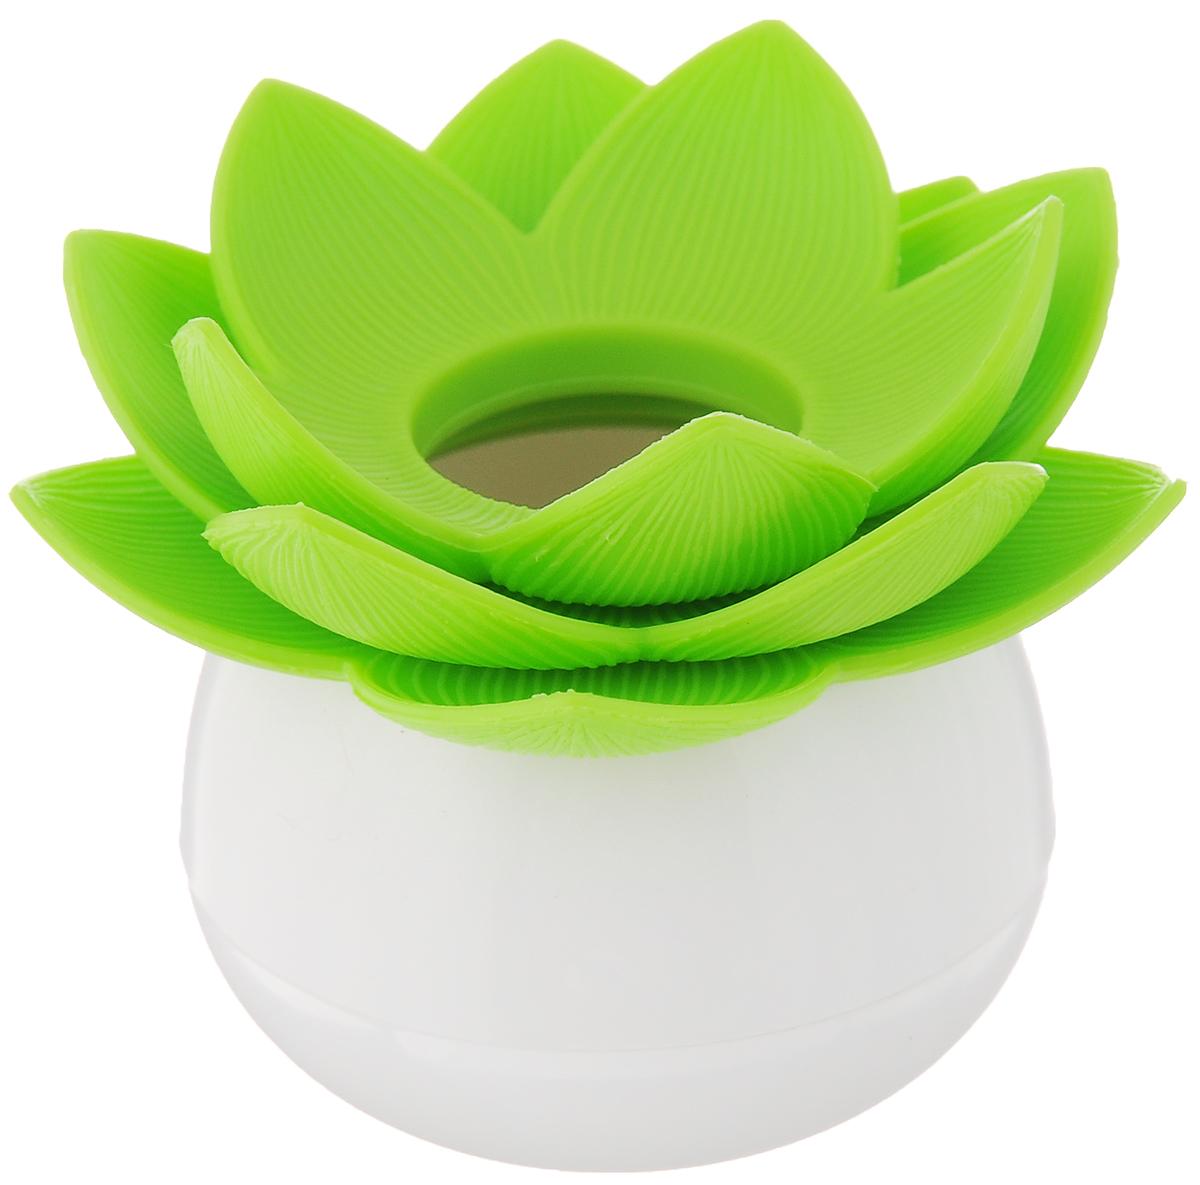 Держатель для зубочисток Qualy Lotus Pick, цвет: белый, зеленыйВетерок 2ГФОригинальный держатель для зубочисток Qualy Lotus Pick, изготовленный из высококачественного пластика в виде цветка лотоса, это невероятно нужный на кухне предмет. Корпус изделия приятен на ощупь, благодаря прорезиненному покрытию.Он справляется со своей работой просто отлично! Зубочистки всегда рассыпаются, их трудно вставить обратно, не уколоться и не сломать. С таким держателем все просто! Держатель Lotus - это не только элемент декора вашей кухни, но и верный помощник в хранении зубочисток. Диаметр корпуса: 4 см.Диаметр цветка: 7 см.Высота изделия: 6 см.Уважаемые клиенты! Обращаем ваше внимание, что зубочистки в комплект не входят!